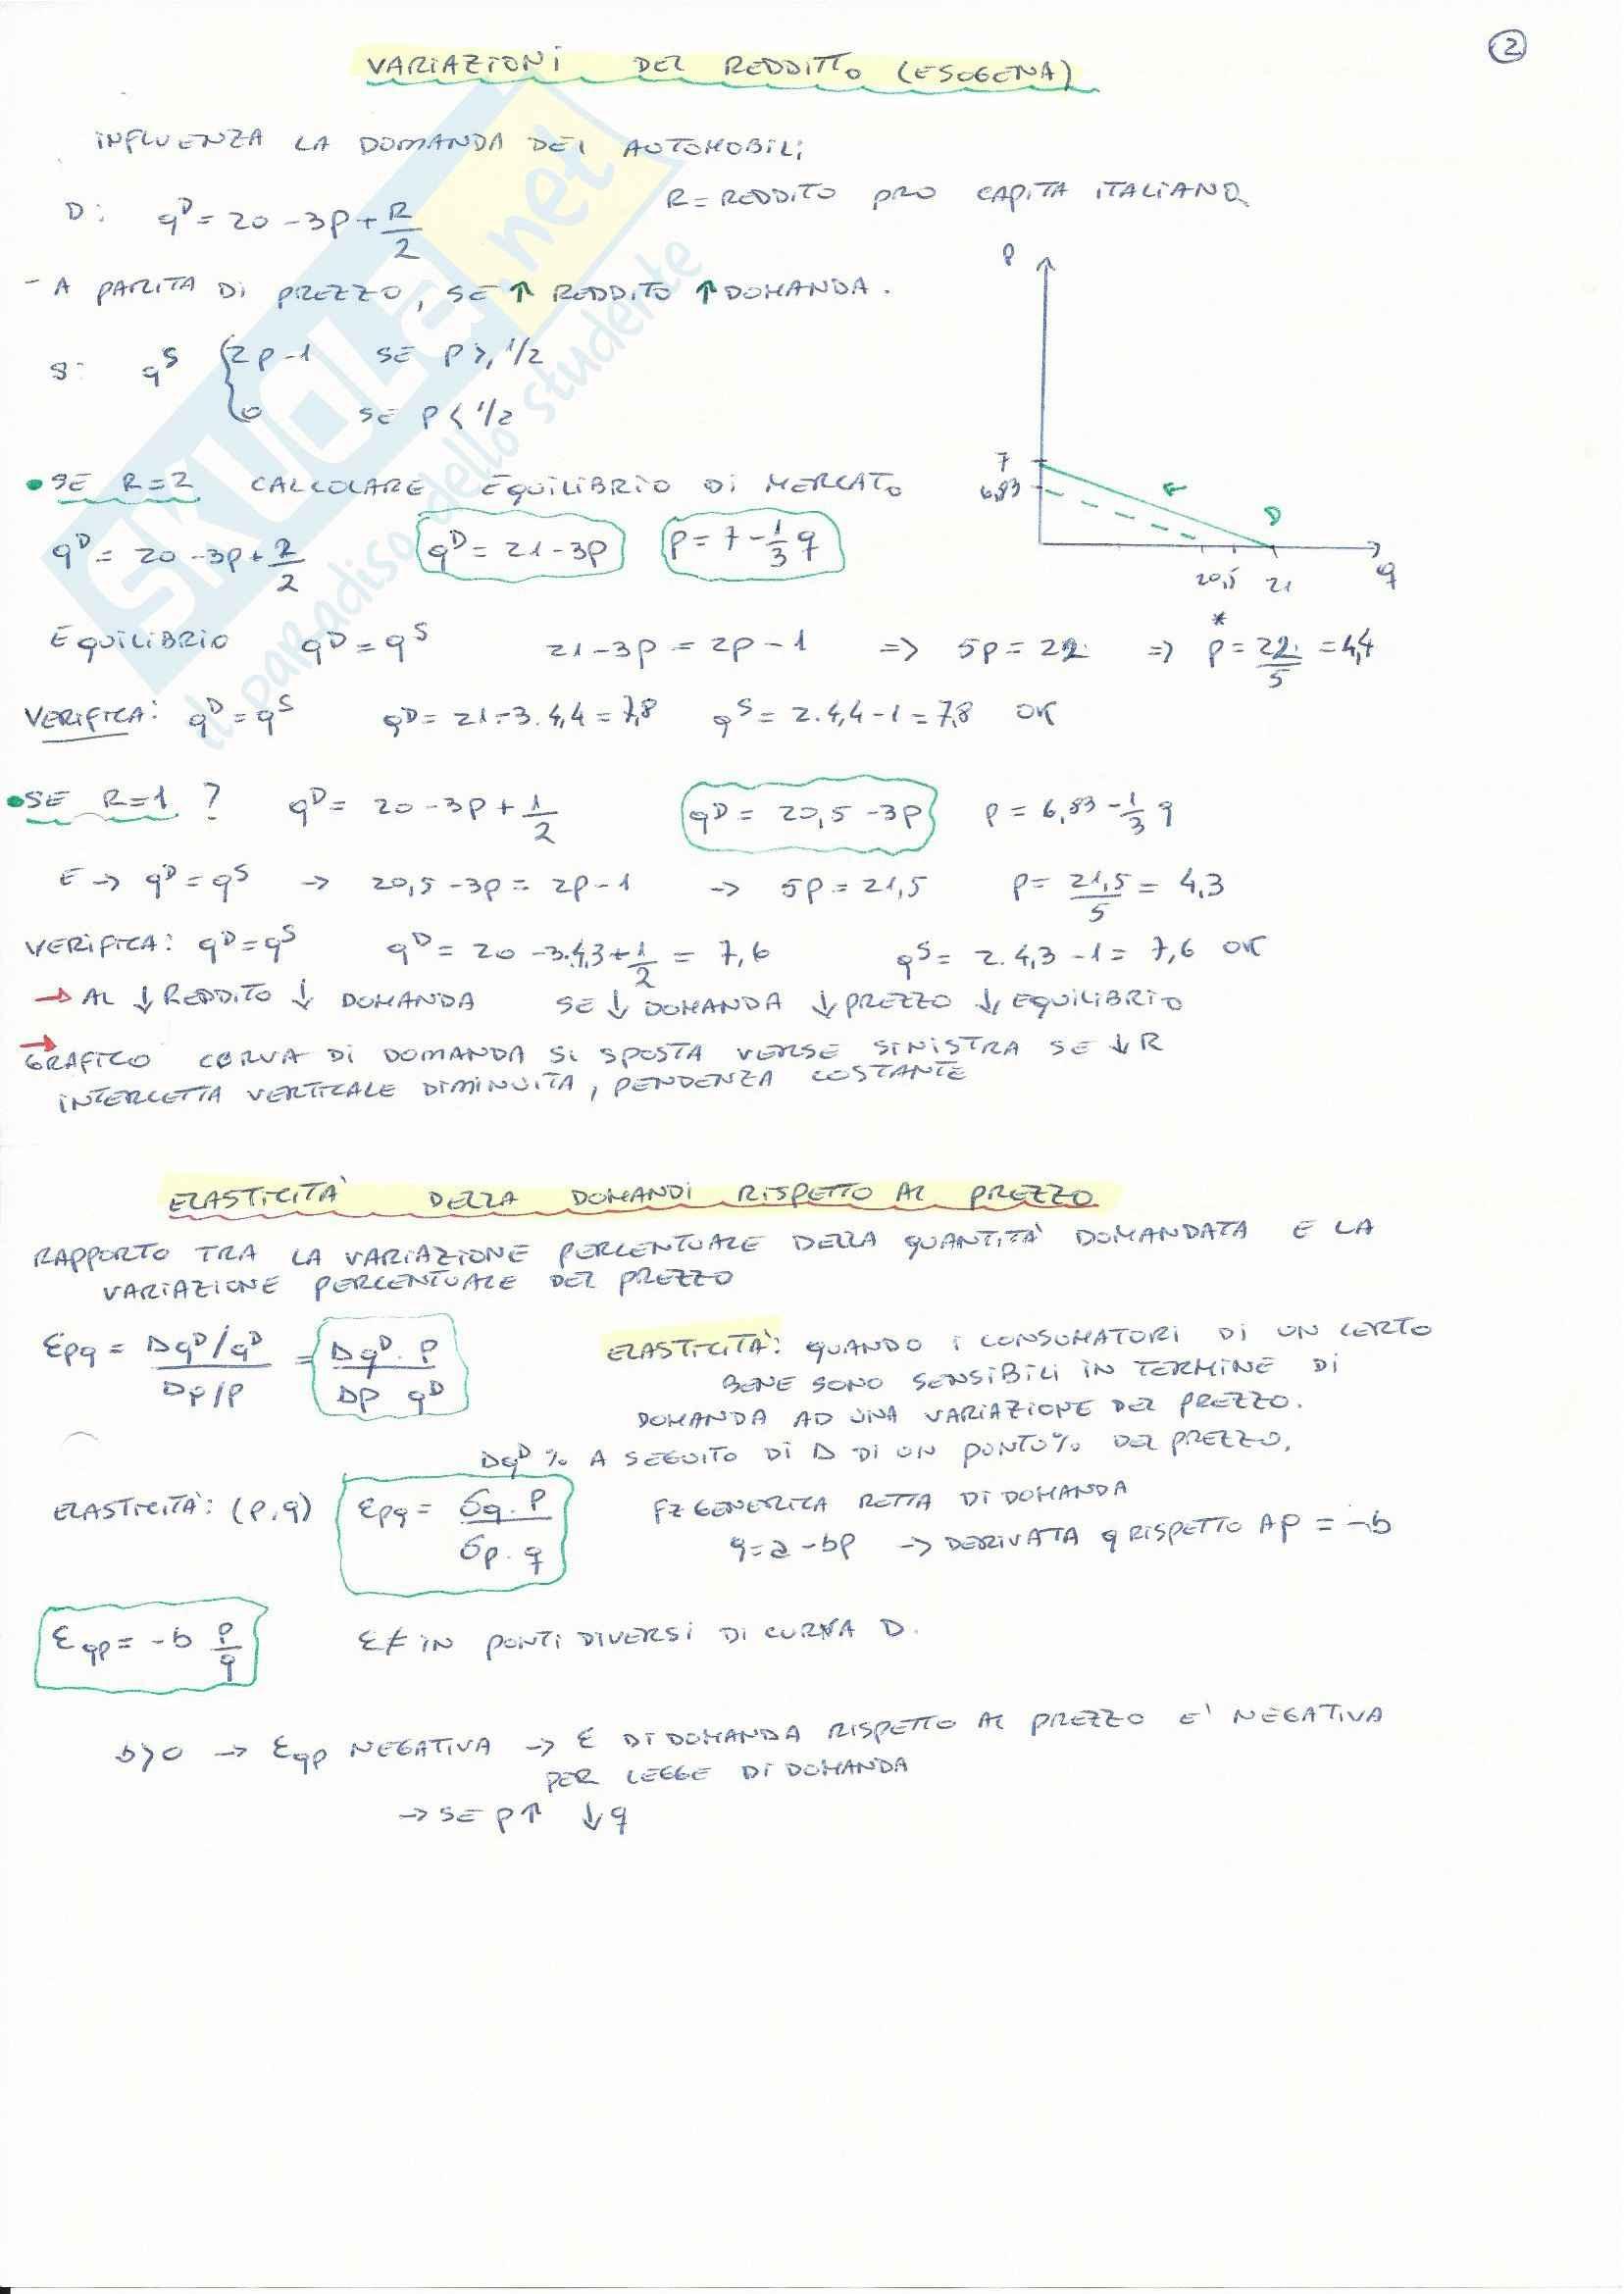 Teorie e esercitazioni su microeconomia,  Economia politica Pag. 46